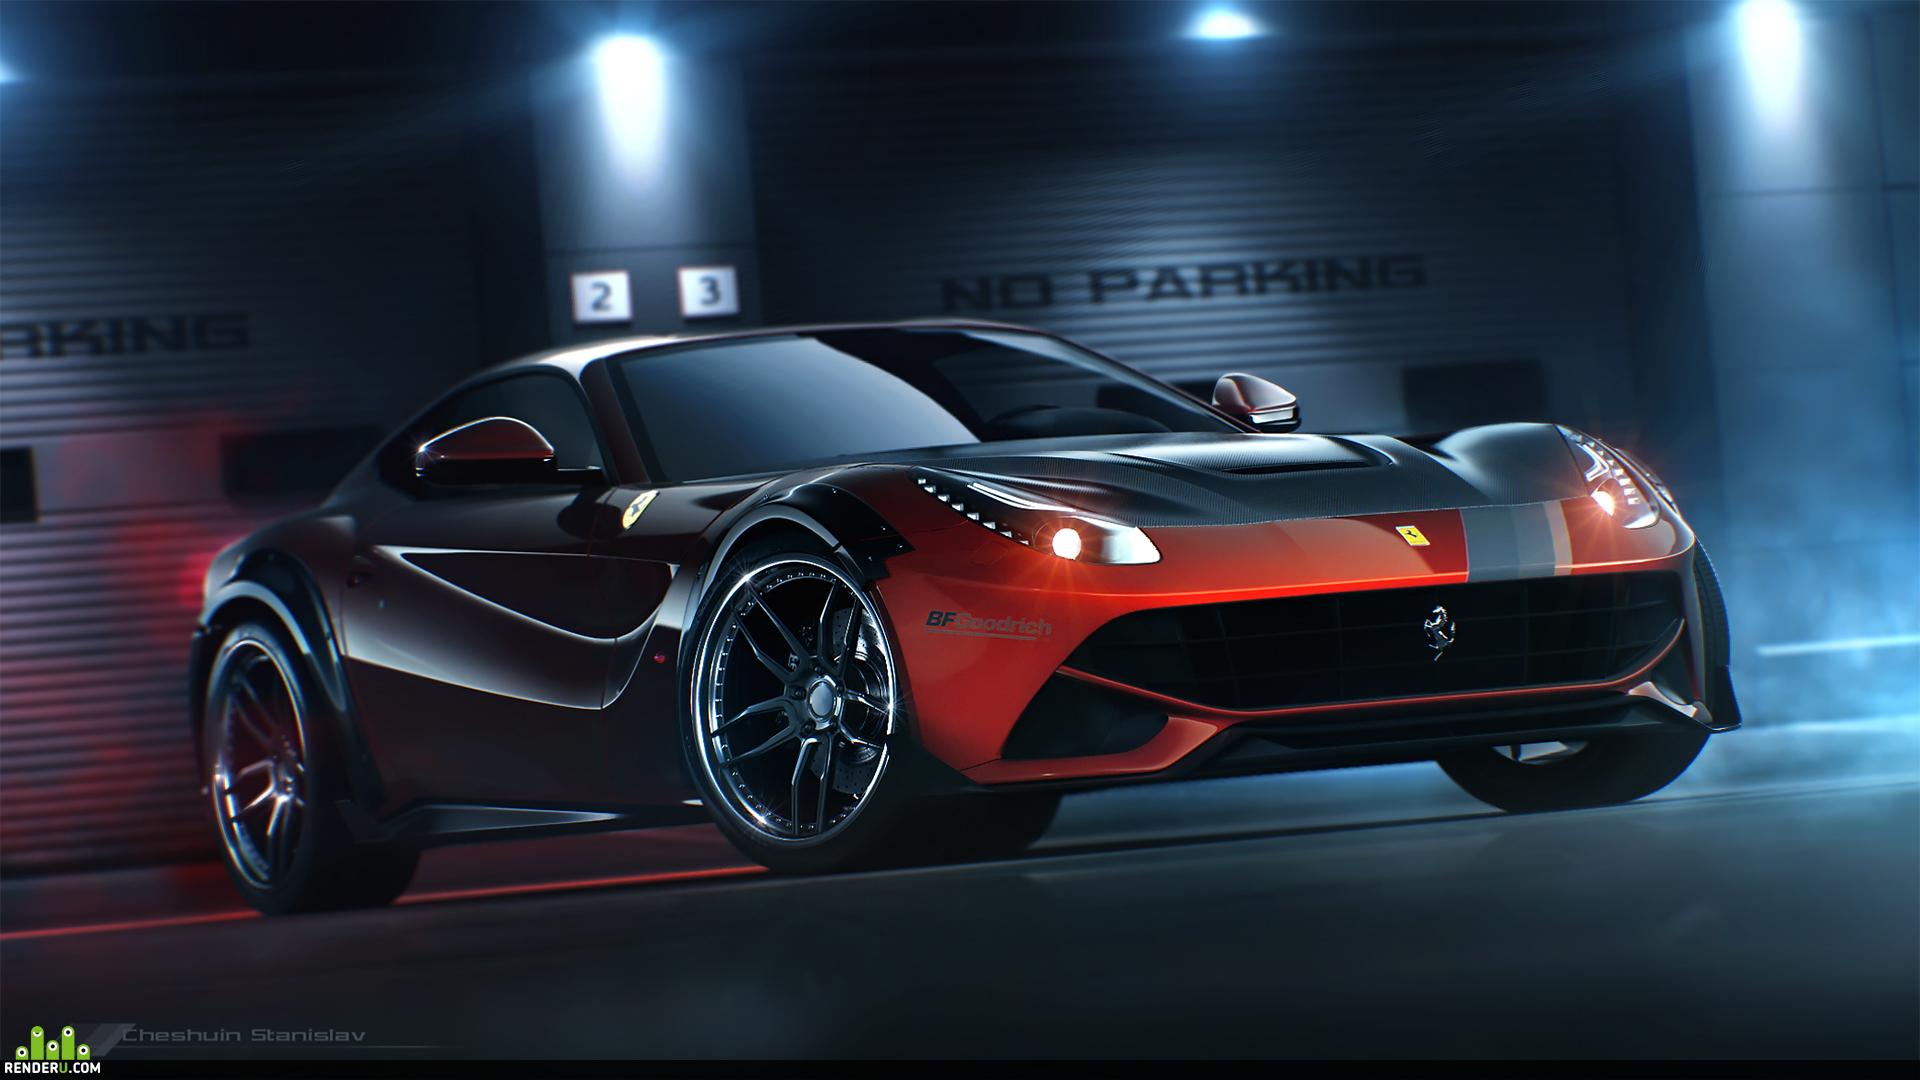 preview Ferrari F12 Berlinetta